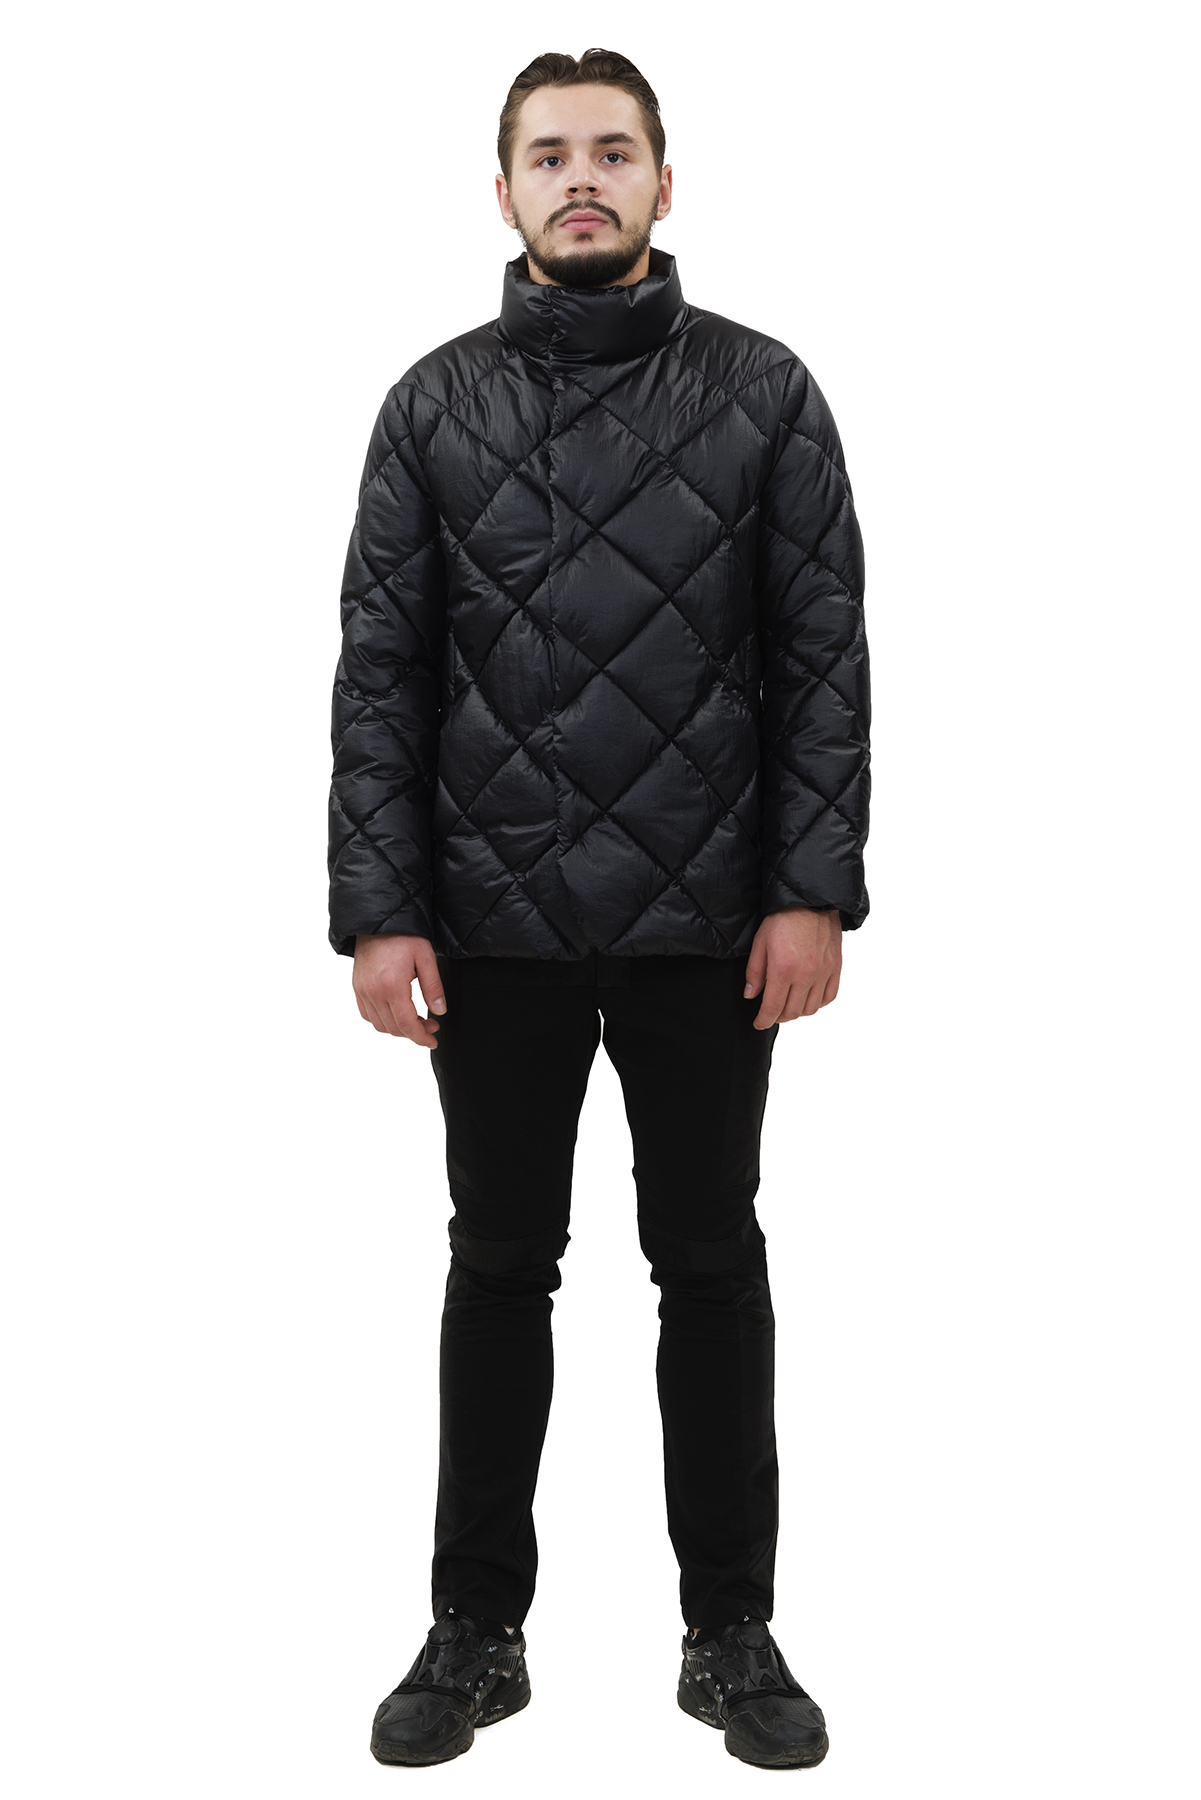 КурткаЗимние мужские куртки, пуховики<br>Модная дизайнерская куртка Doctor E - отличный вариант для стильных и уверенных в себе мужчин. Интересная фактура ткани не оставит Вас равнодушным к этой модели.<br><br>Цвет: черный<br>Состав: 100% полиэстер Утеплитель: синтепух<br>Размер: 44<br>Страна дизайна: Россия<br>Страна производства: Россия